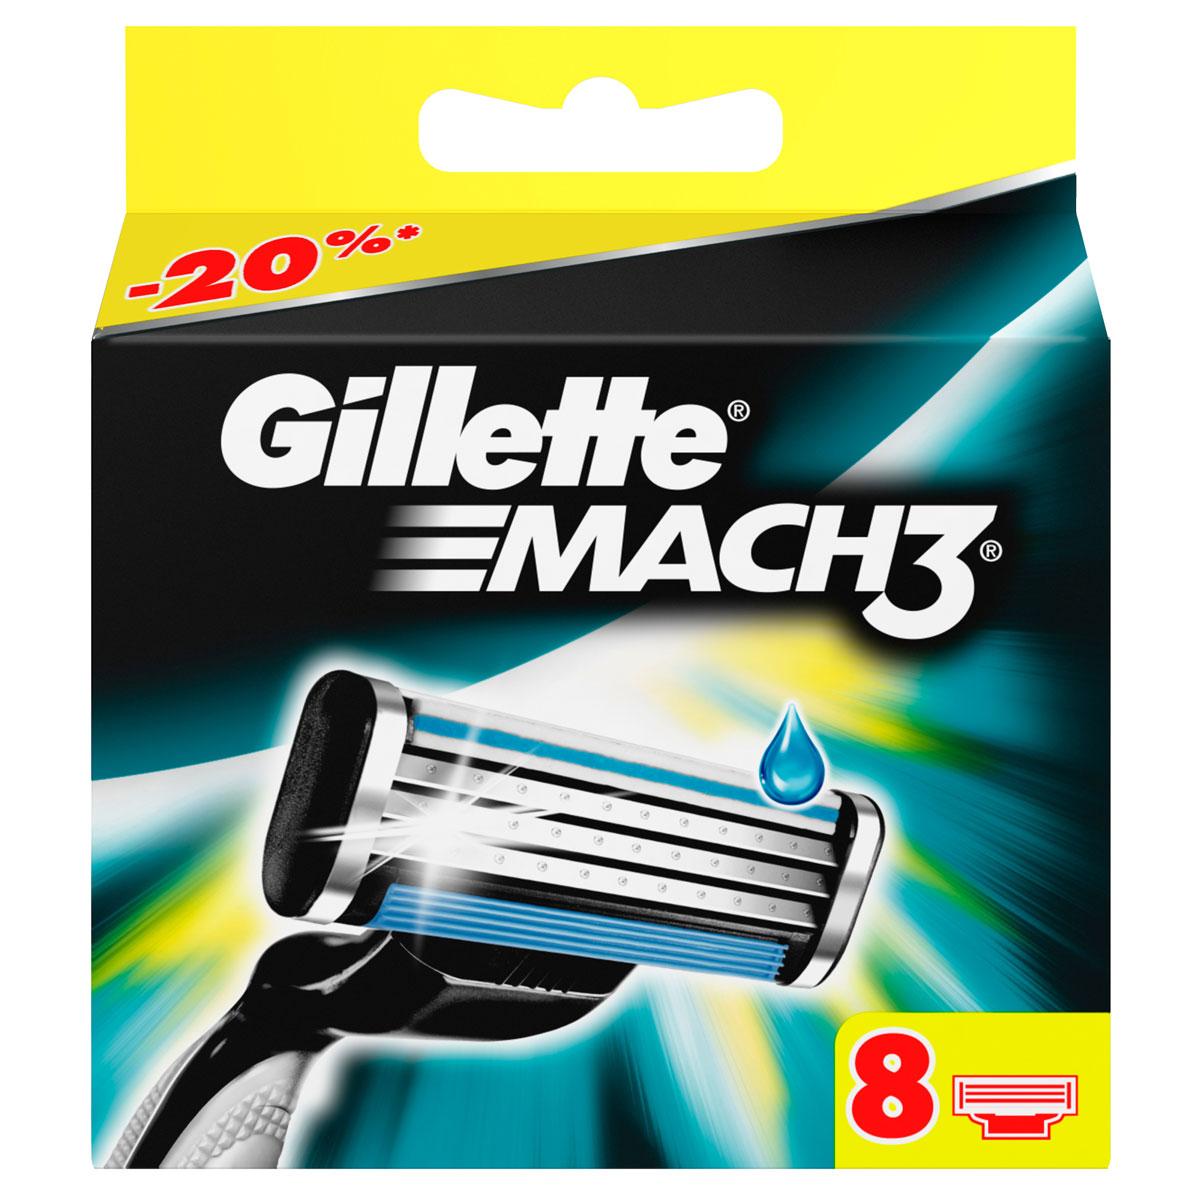 Сменные кассеты для бритья Gillette Mach 3, 8 шт.MAG-13284671Даже 10-ое бритье Mach3 комфортнее 1-го одноразовой бритвой. Почувствуйте исключительную эффективность Mach3! Это бритва включает в себя гелевую полоску, которая способствует скольжению и защищает кожу от покраснения, также полоска исчезает, когда кассету пора менять. Плавающая головка обеспечивает тесный контакт лезвий с кожей, удобная ручка адаптируется к контурам лица для более легкого и комфортного бритья (по сравнению с одноразовыми бритвенными станками Blueell Plus). Даже после десятого использования бритвы ощущения более приятные, чем от одноразовых станков (по сравнению с одноразовыми станками для бритья Bluell Plus). По сравнению с Gillette BlueII Plus Срок хранения – 5 лет. Страна производства – Польша.